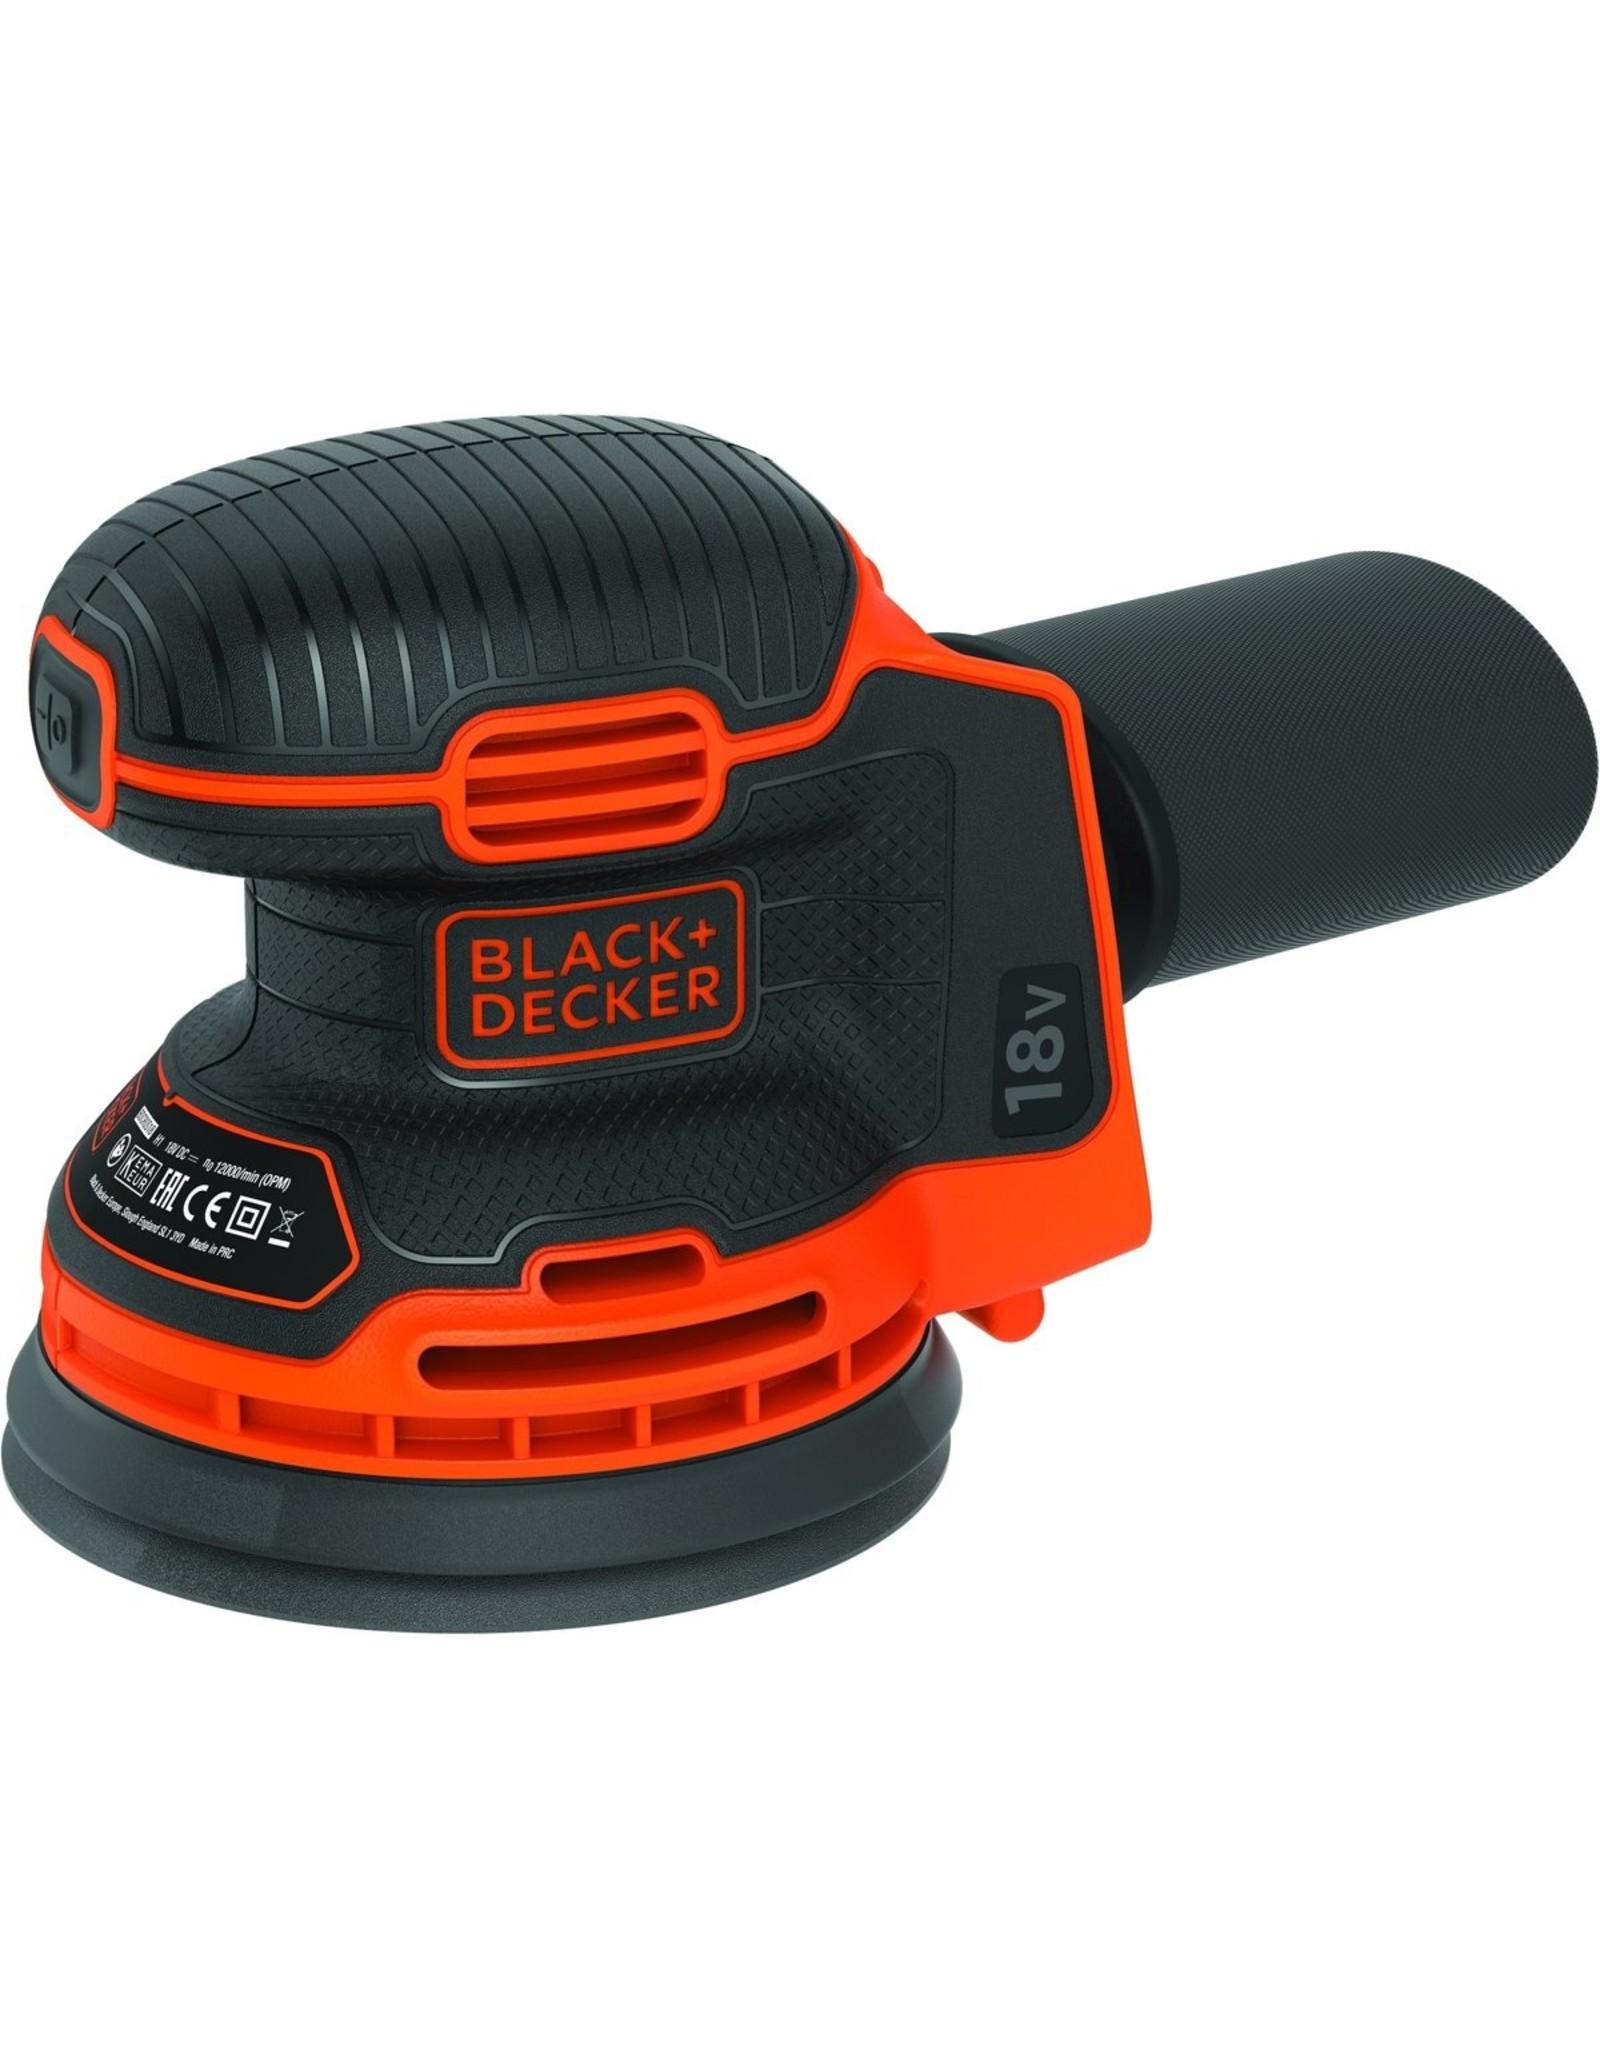 Black & Decker BLACK DECKER BDCROS18N-XJ Excentrische schuurmachine - 18V - zonder accu en lader